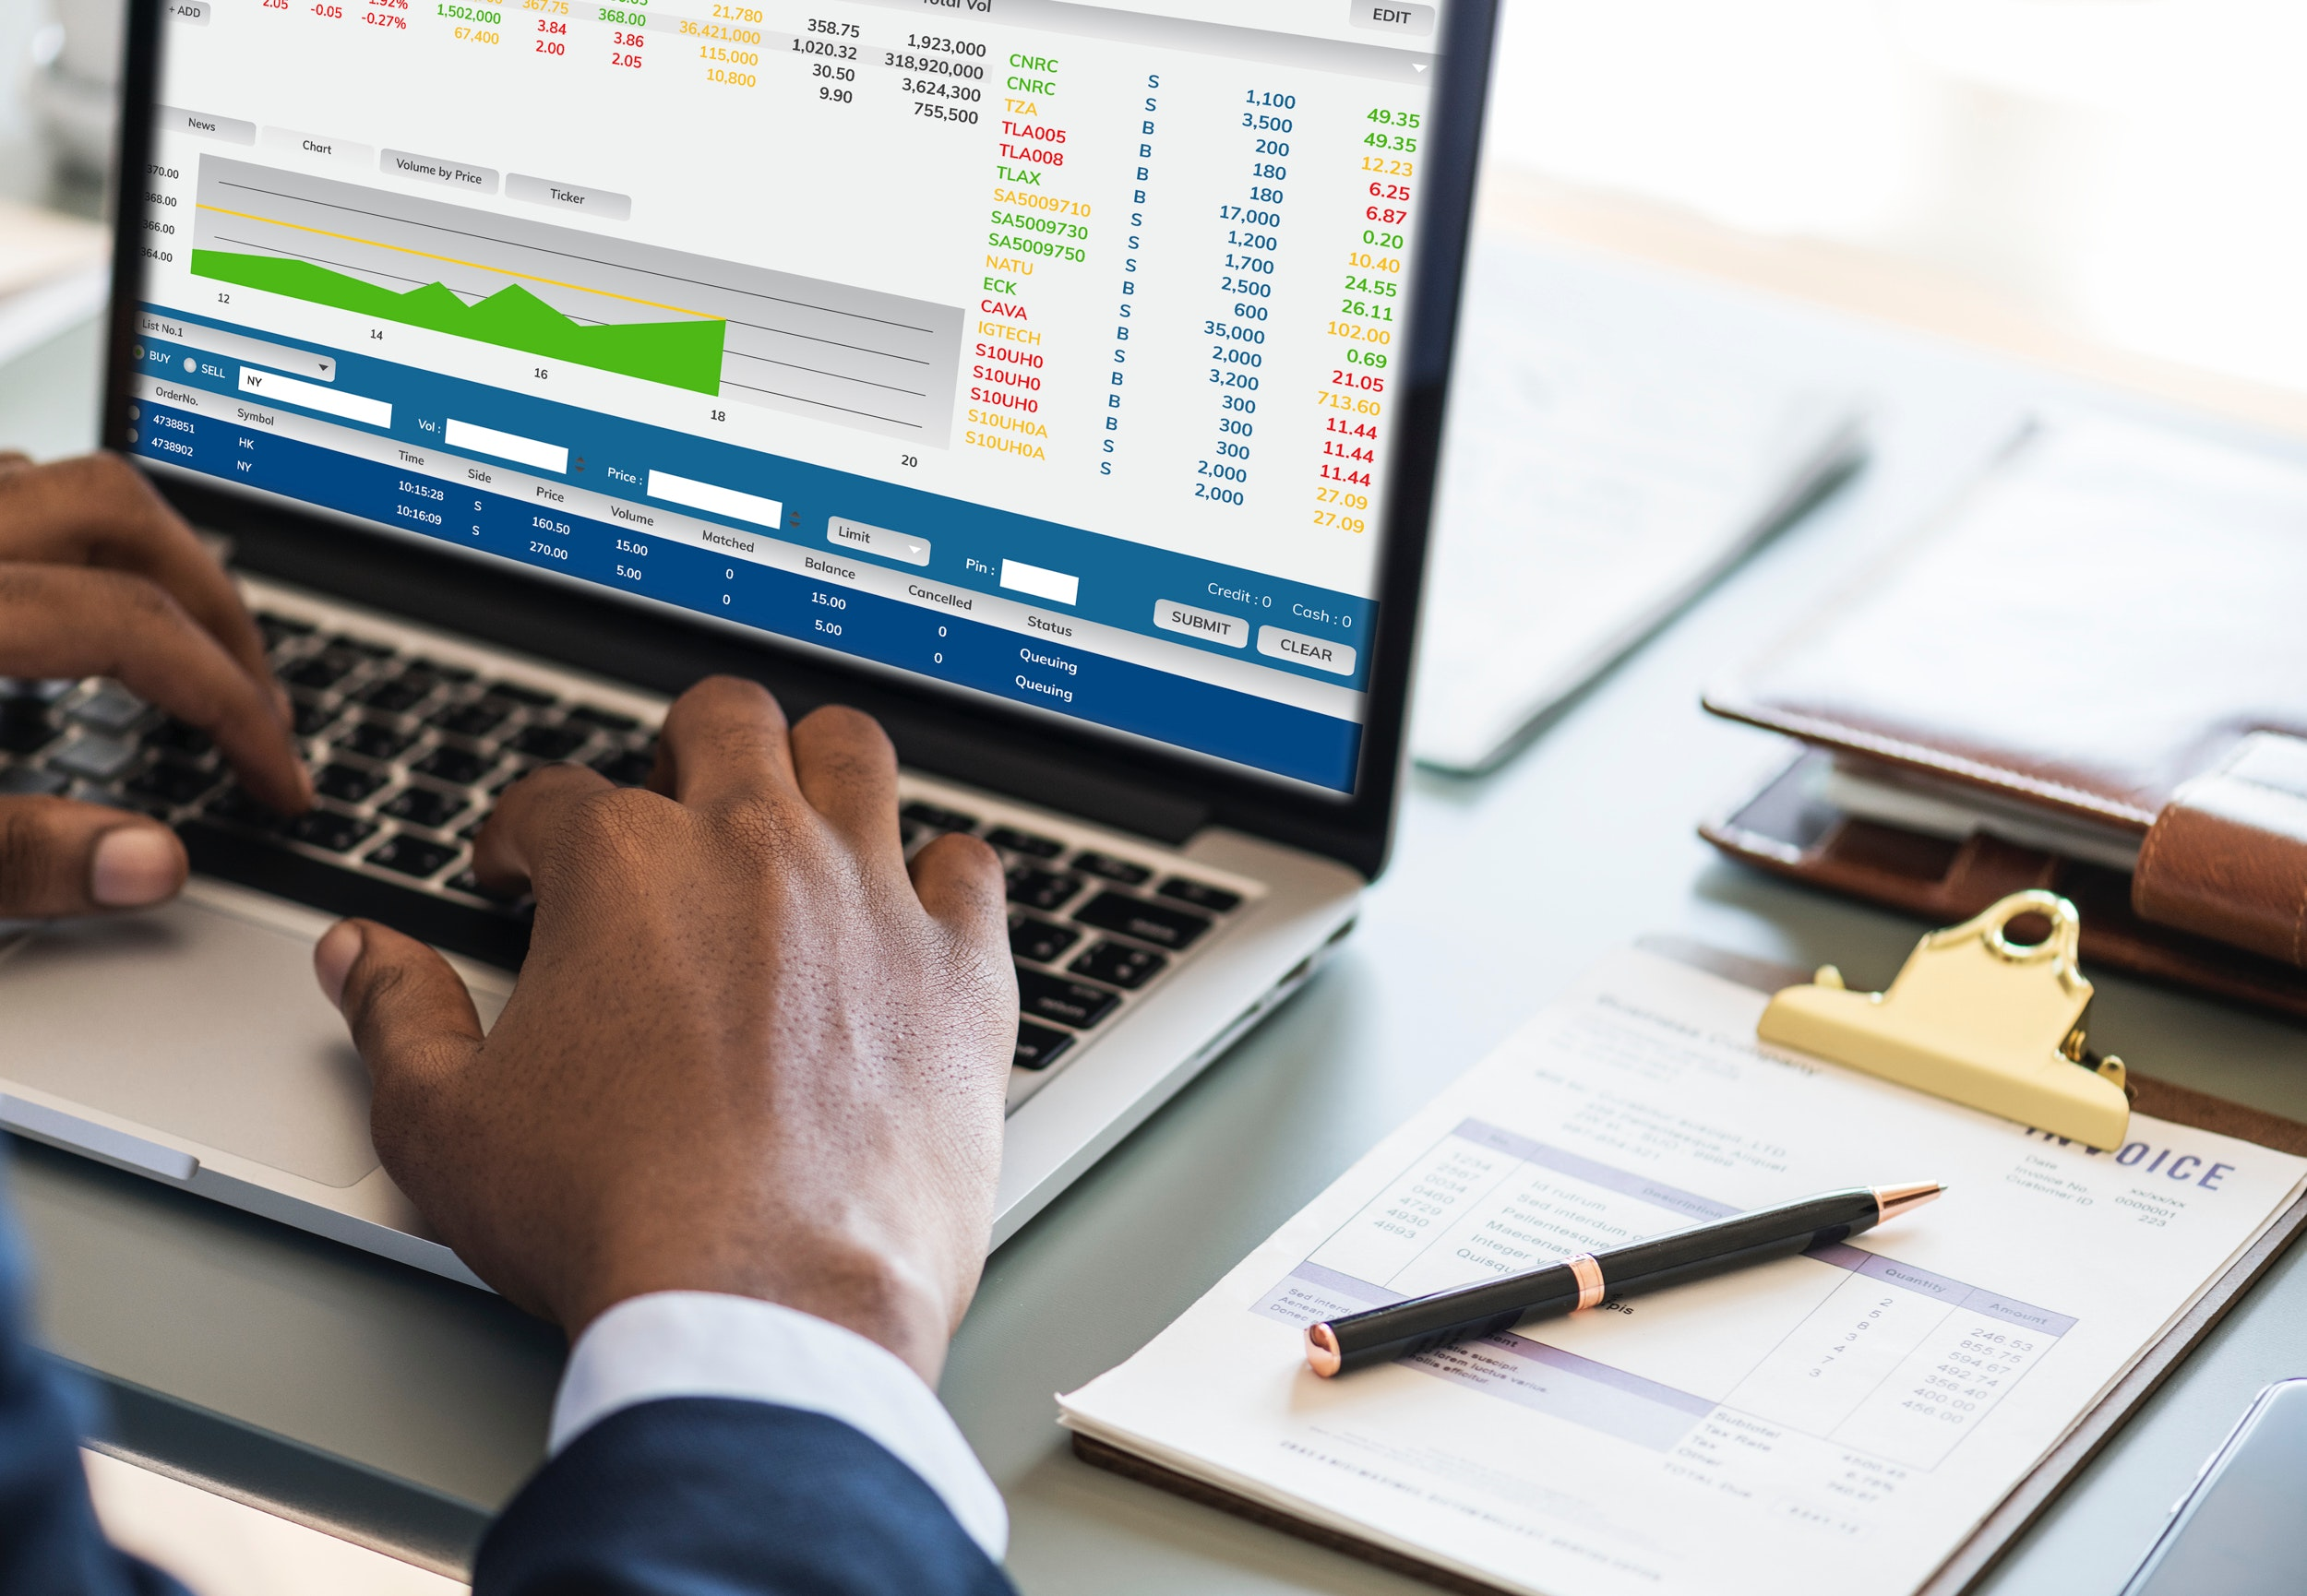 Online-Rechnungsprogramme